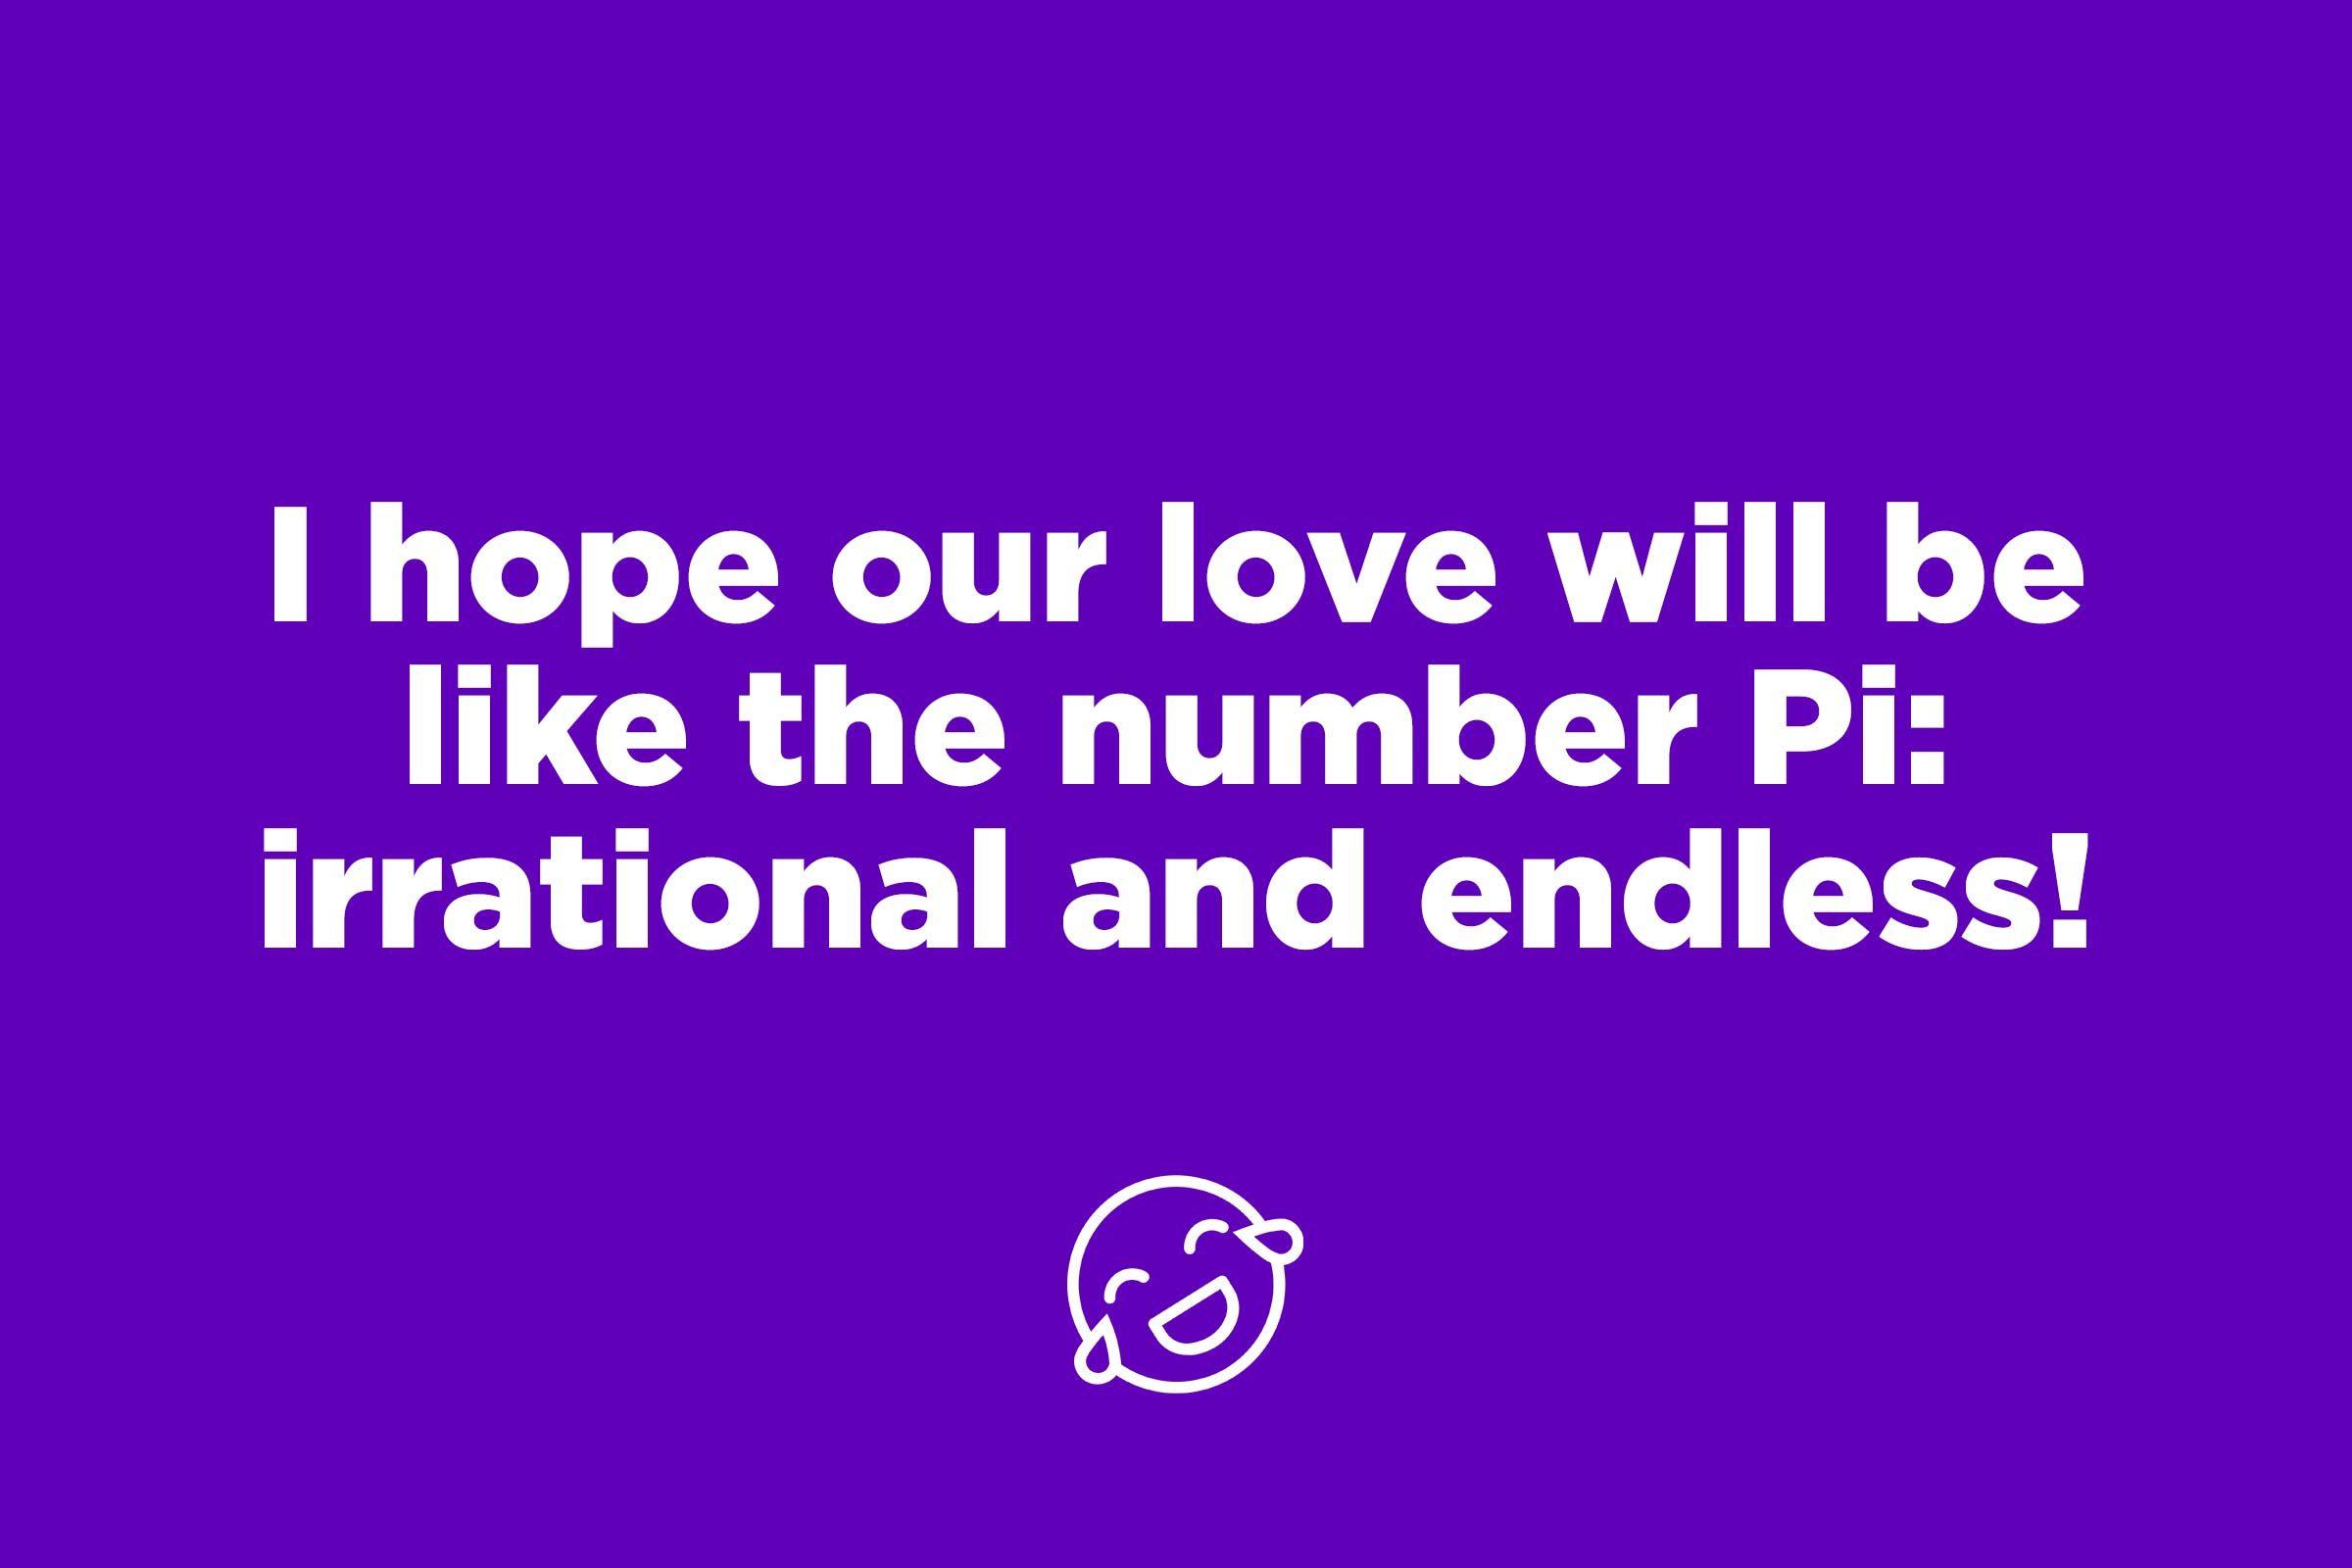 pi pick up line